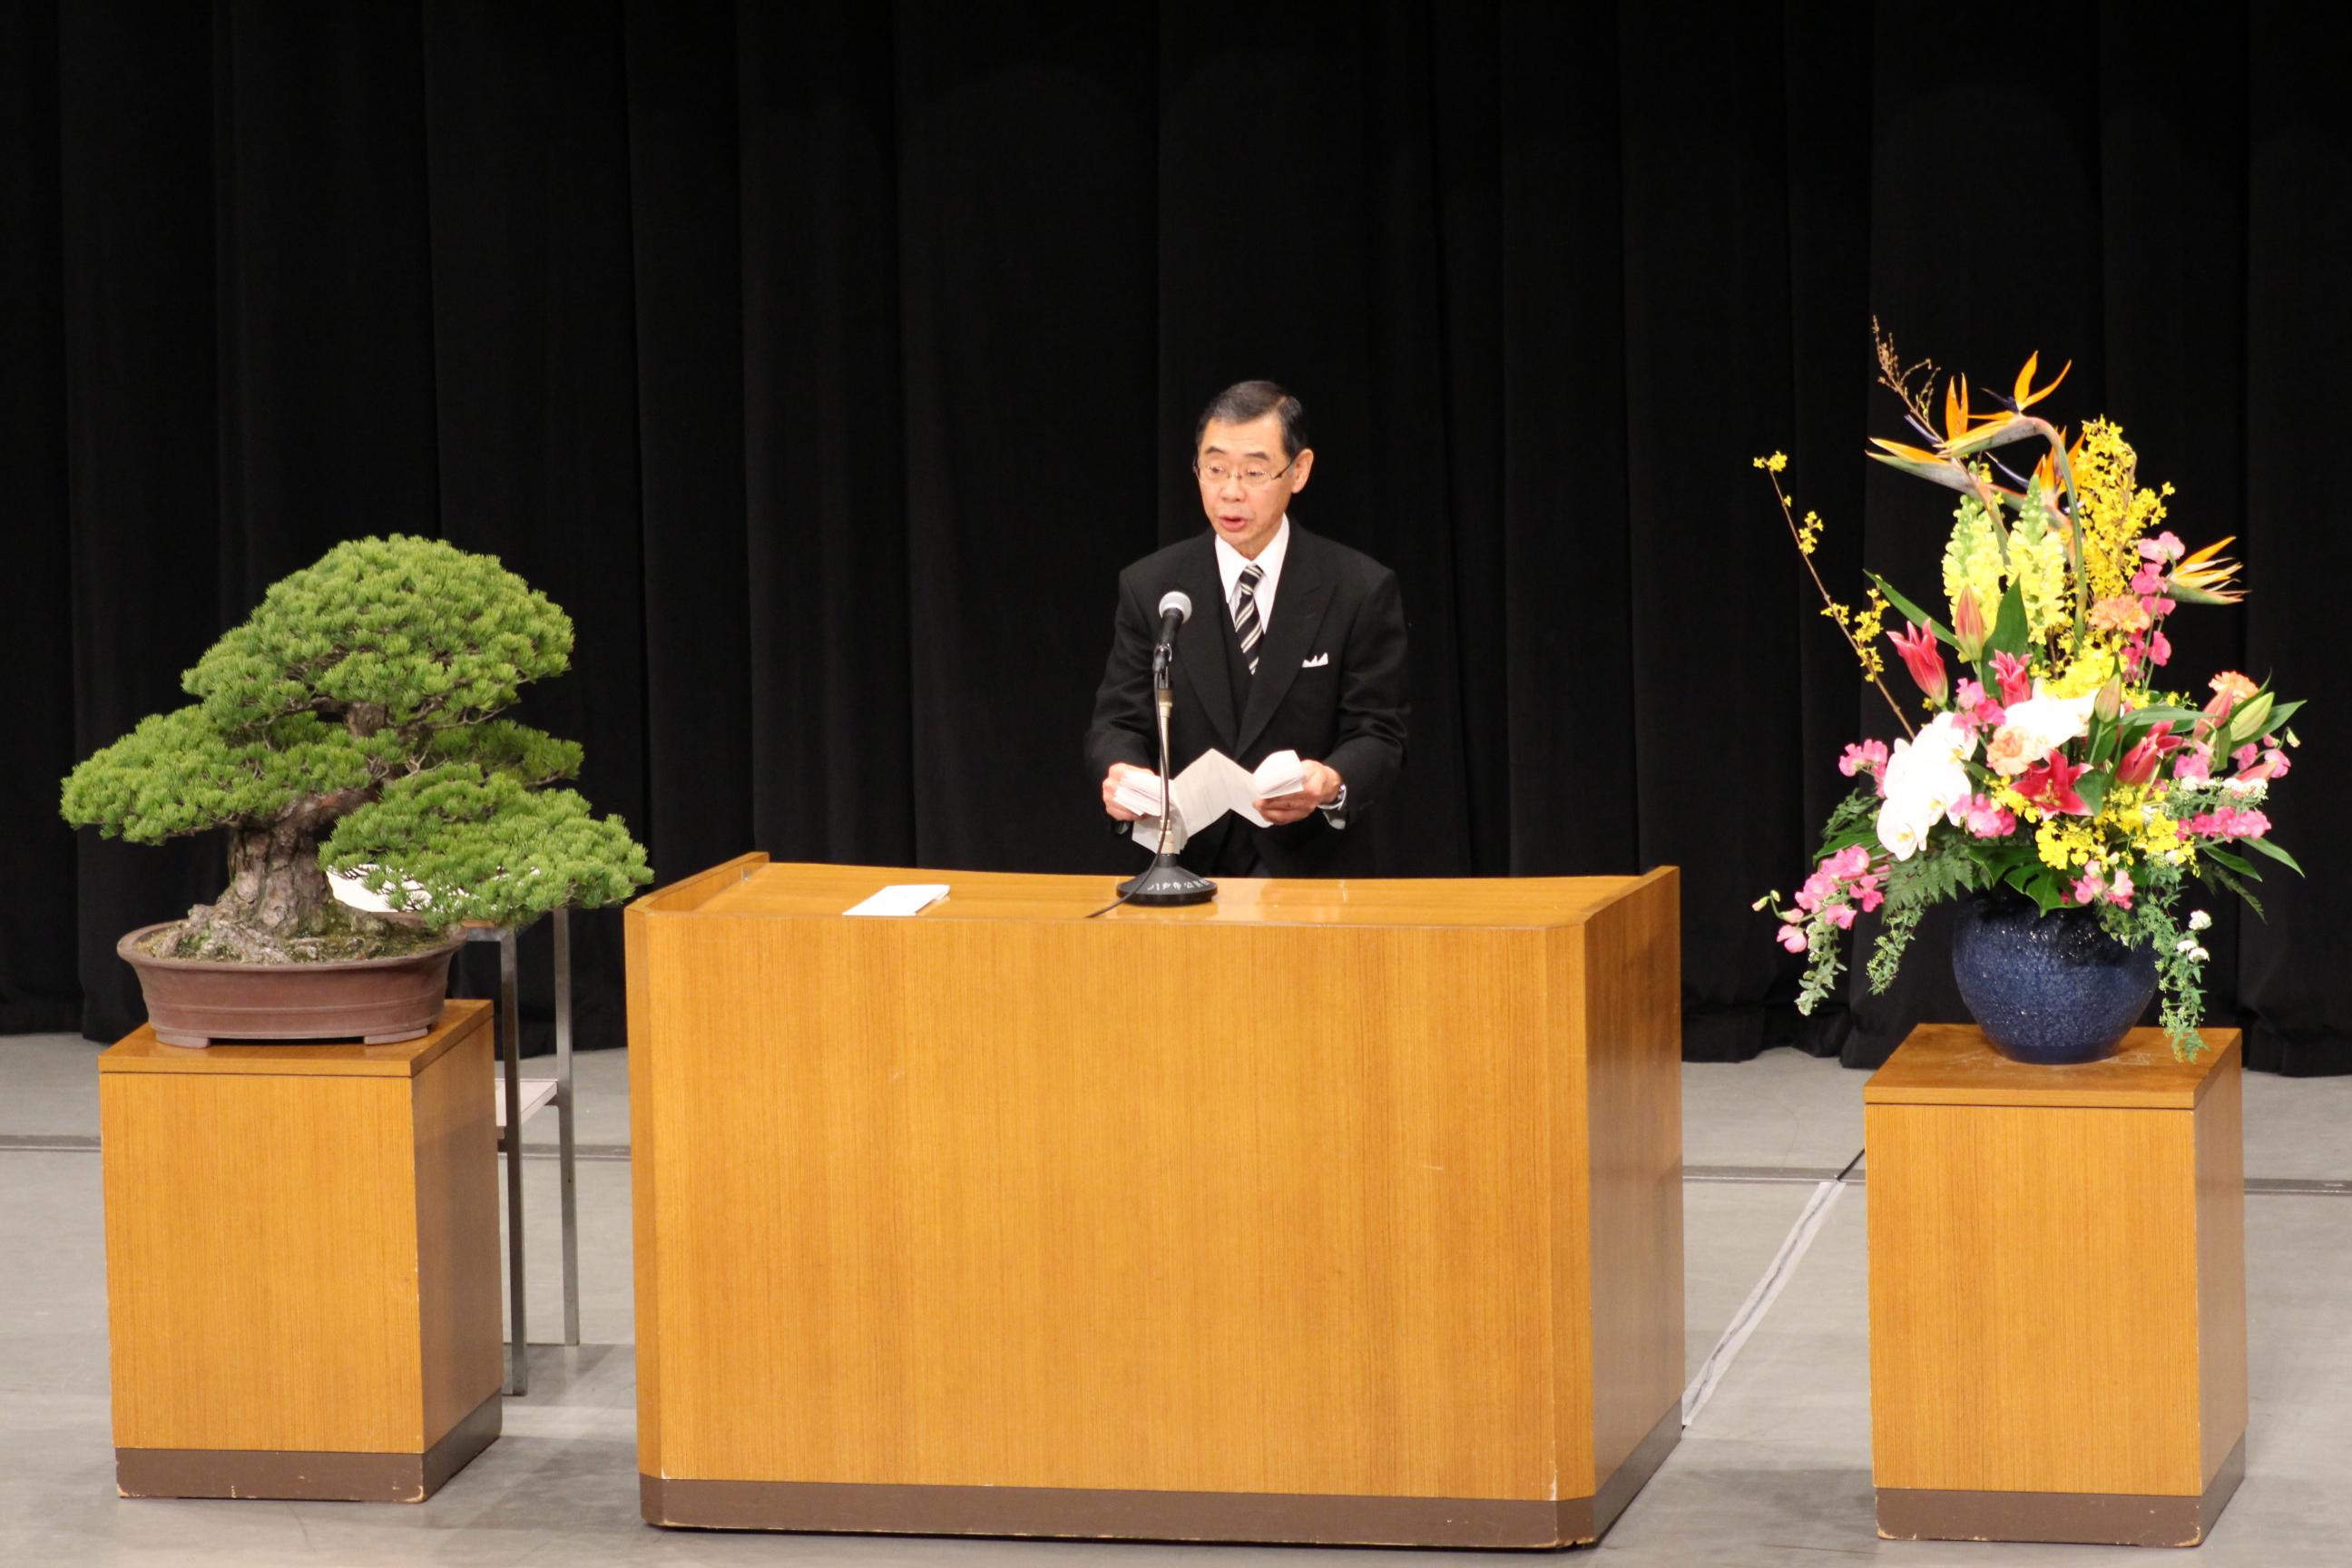 第29回卒業式ヽ(*´∀`*)ノ